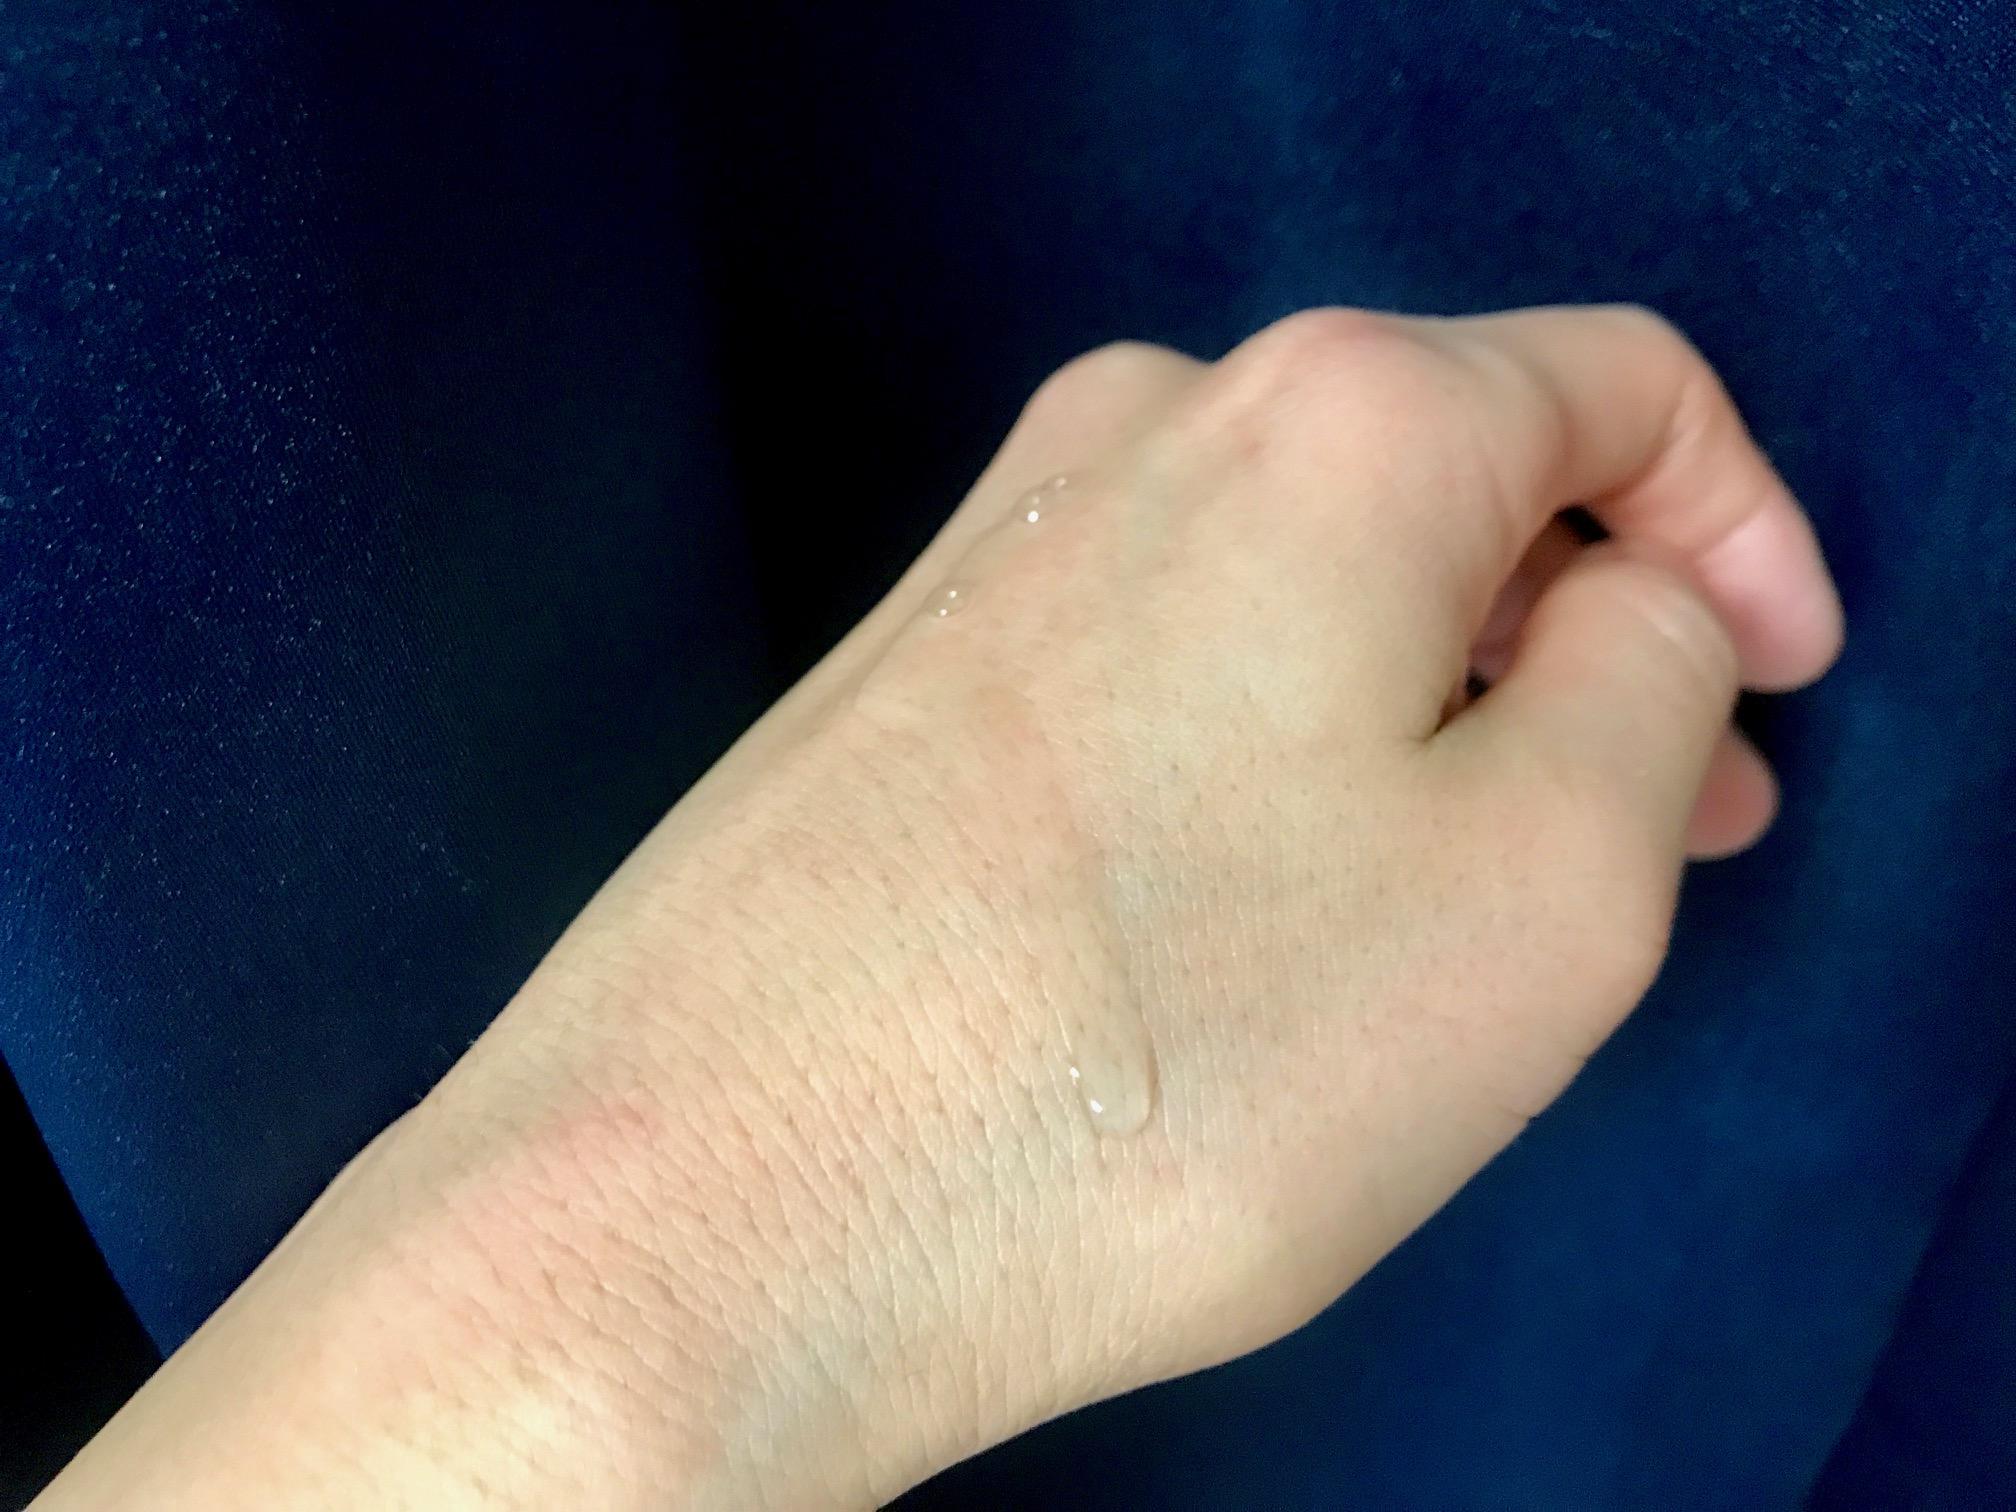 美白化粧品特集 - シミやくすみ対策・肌の透明感アップが期待できるコスメは?_13